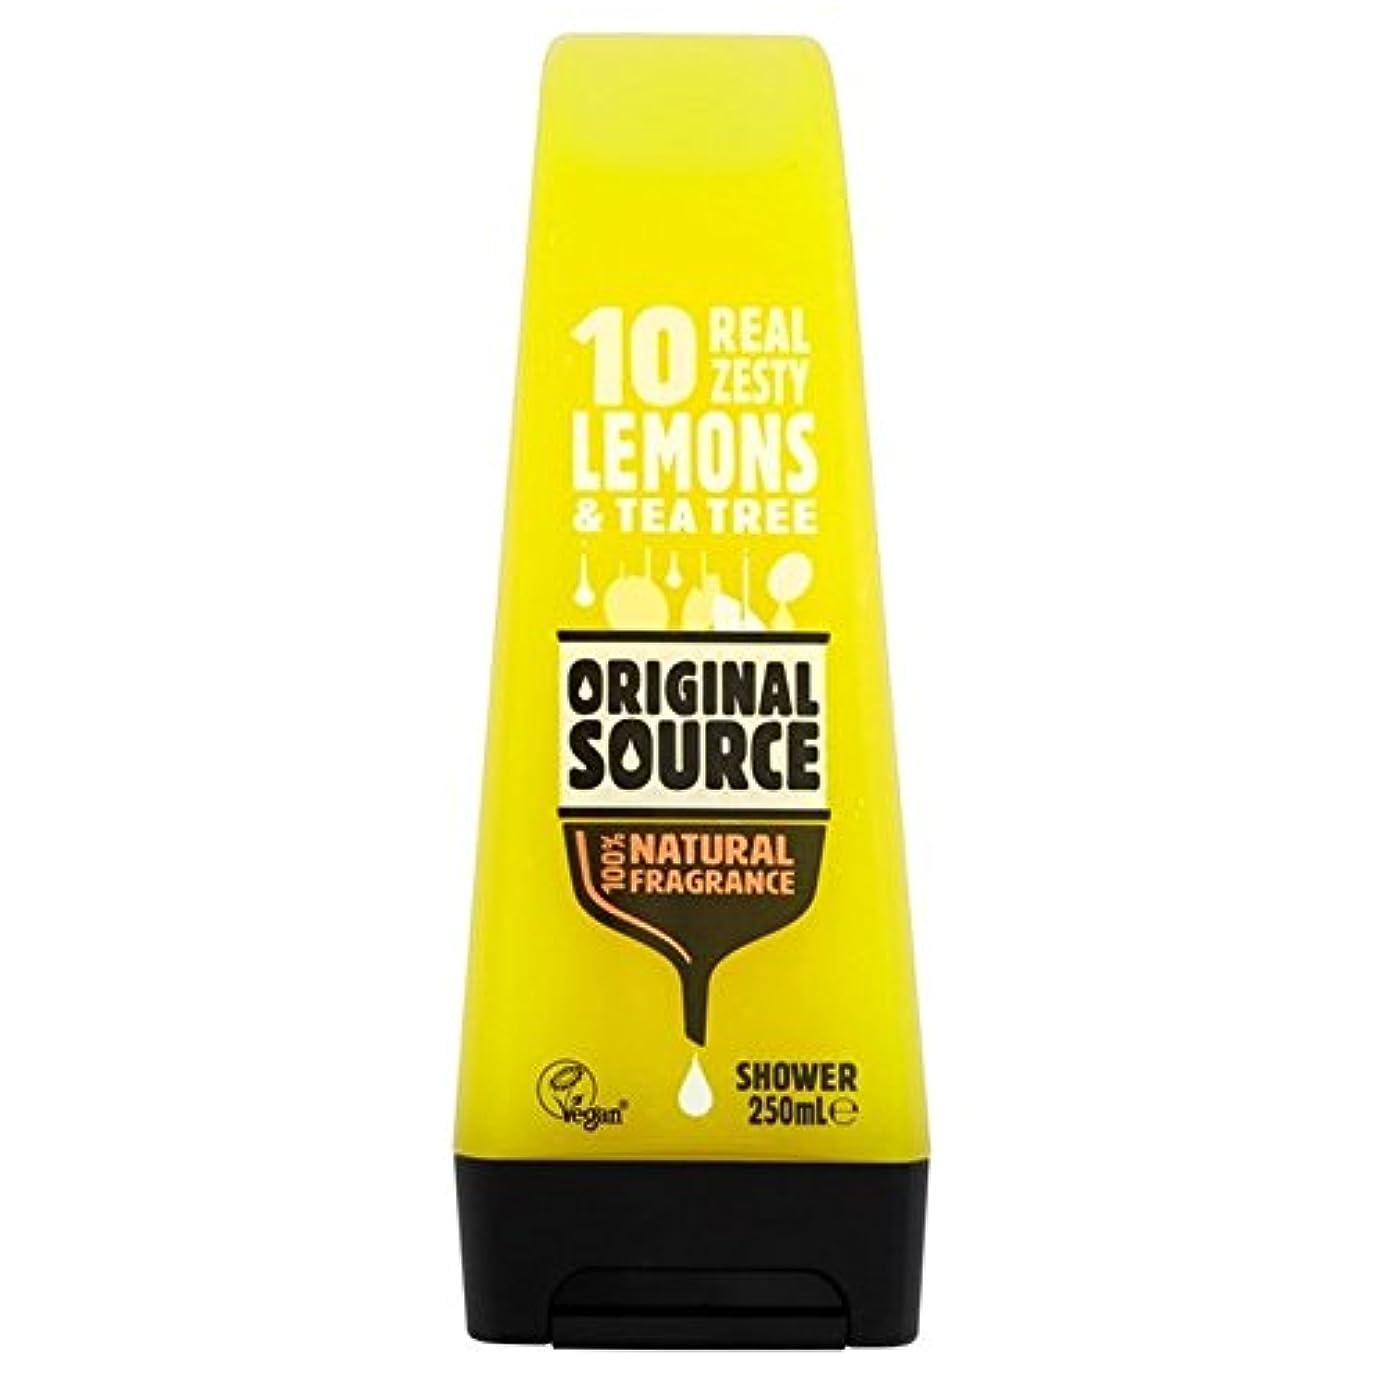 目的奨励フィラデルフィア元のソースのレモンシャワージェル250ミリリットル x4 - Original Source Lemon Shower Gel 250ml (Pack of 4) [並行輸入品]